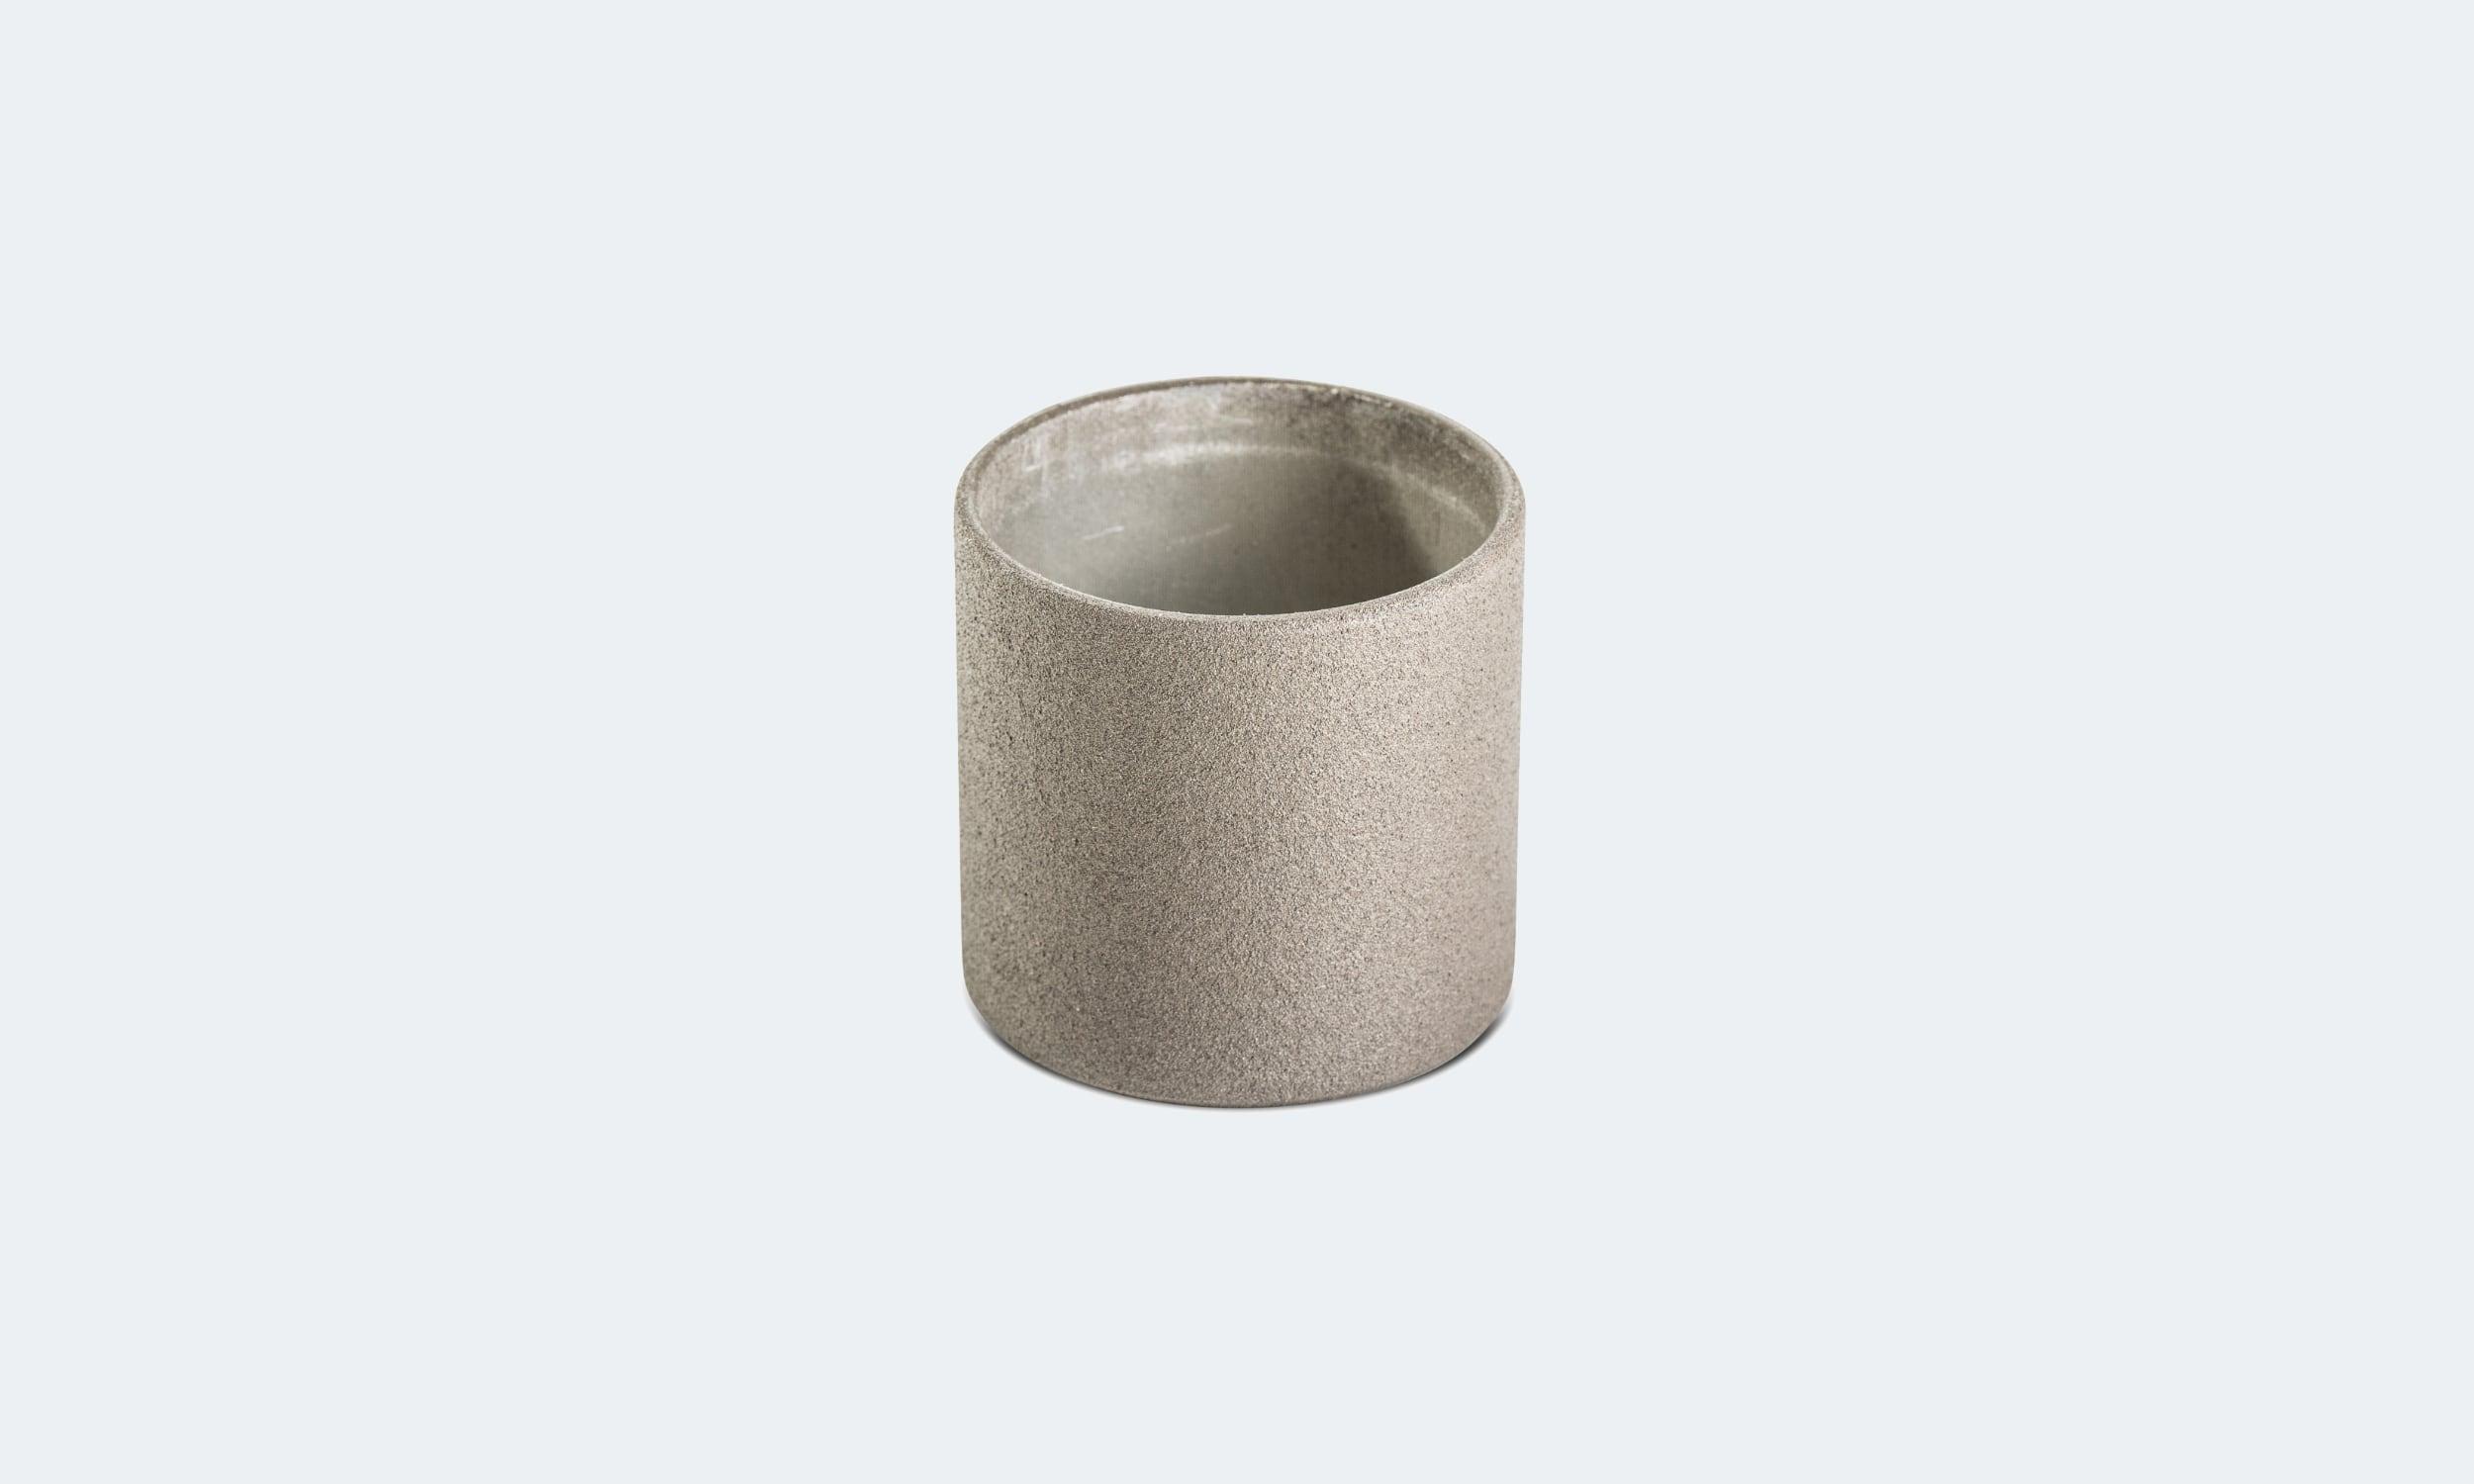 Applicazioni del carburo di tungsteno